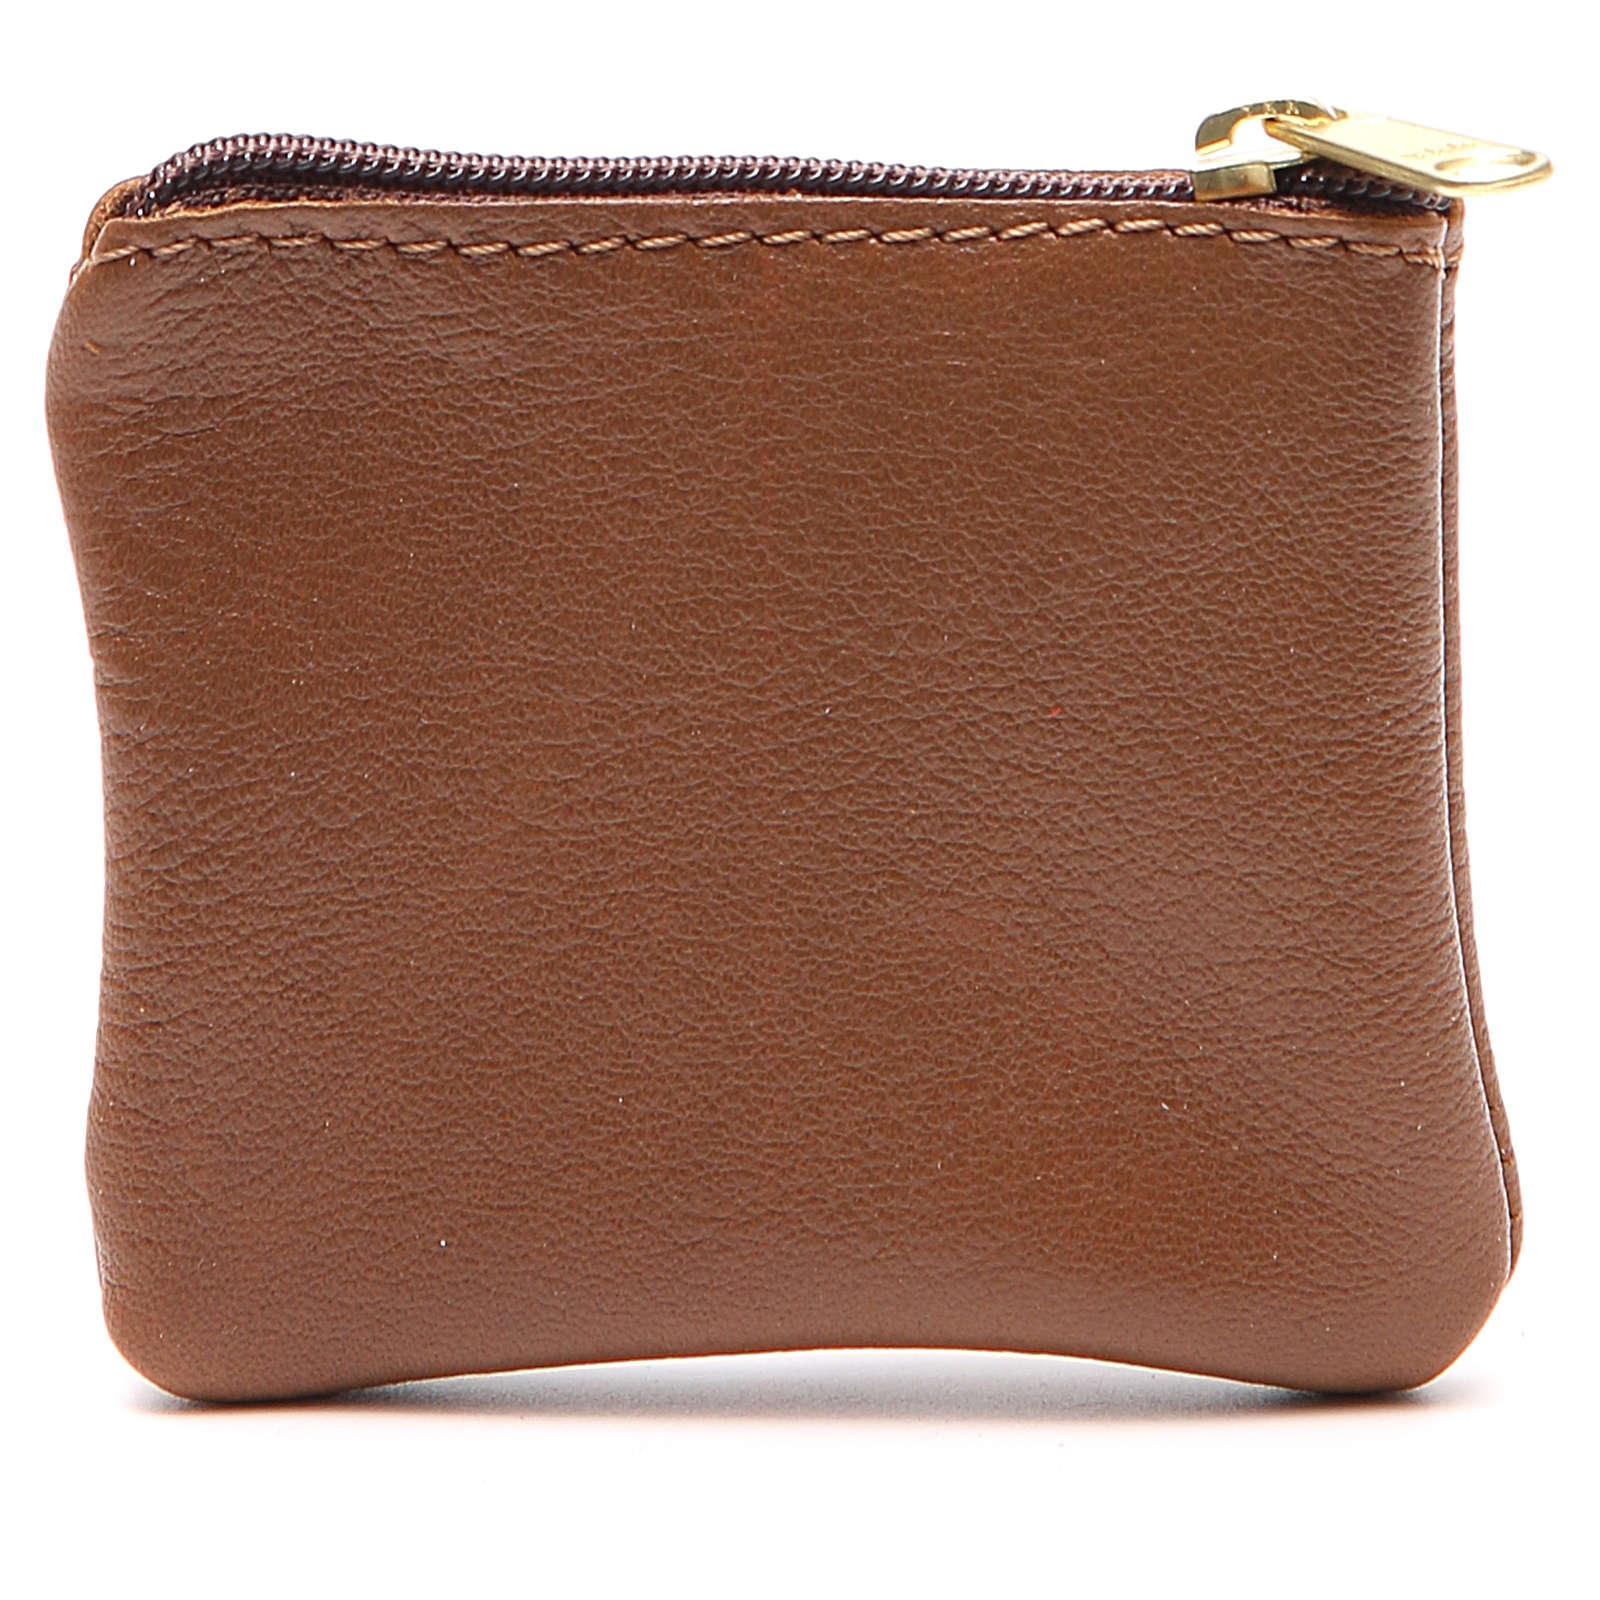 STOCK Portarosario borsello pelle marrone Giubileo 4